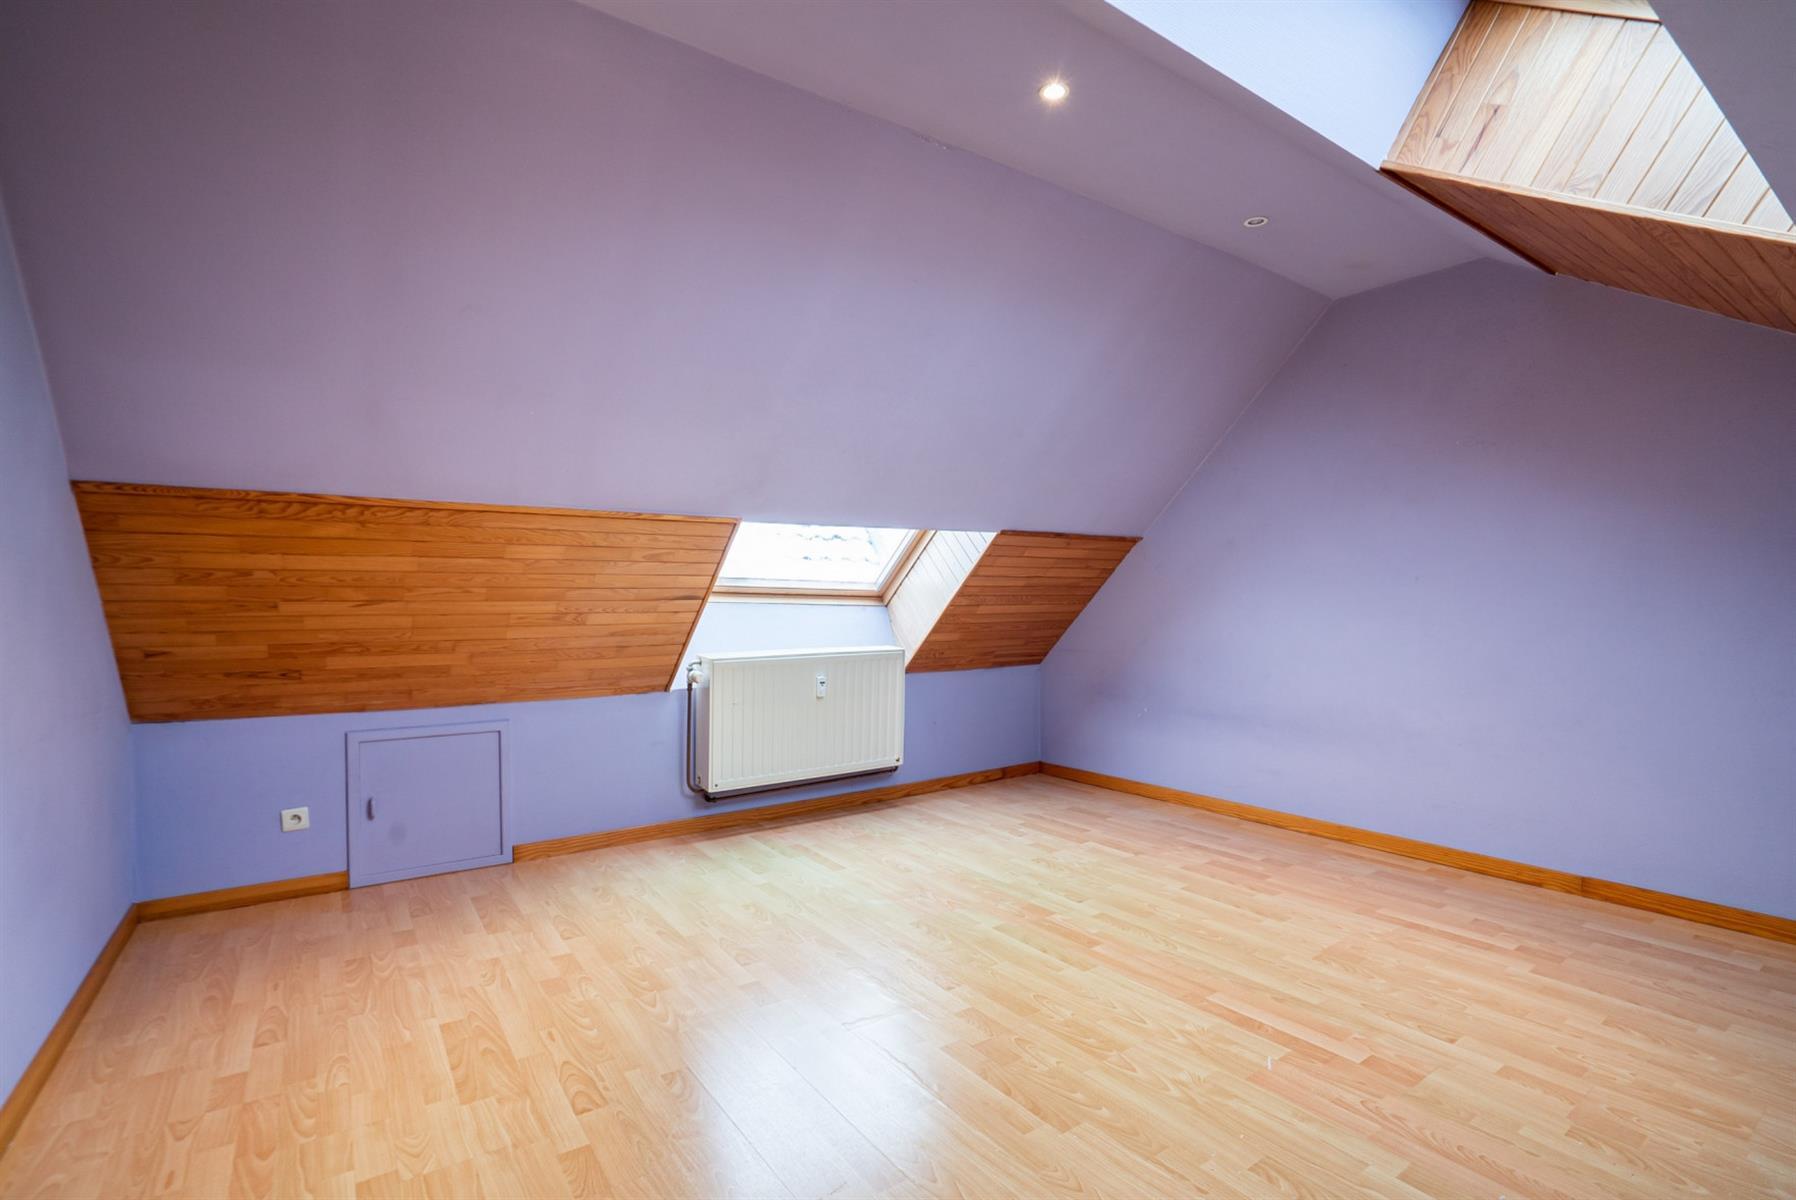 Duplex - Plombières Hombourg - #4223052-8